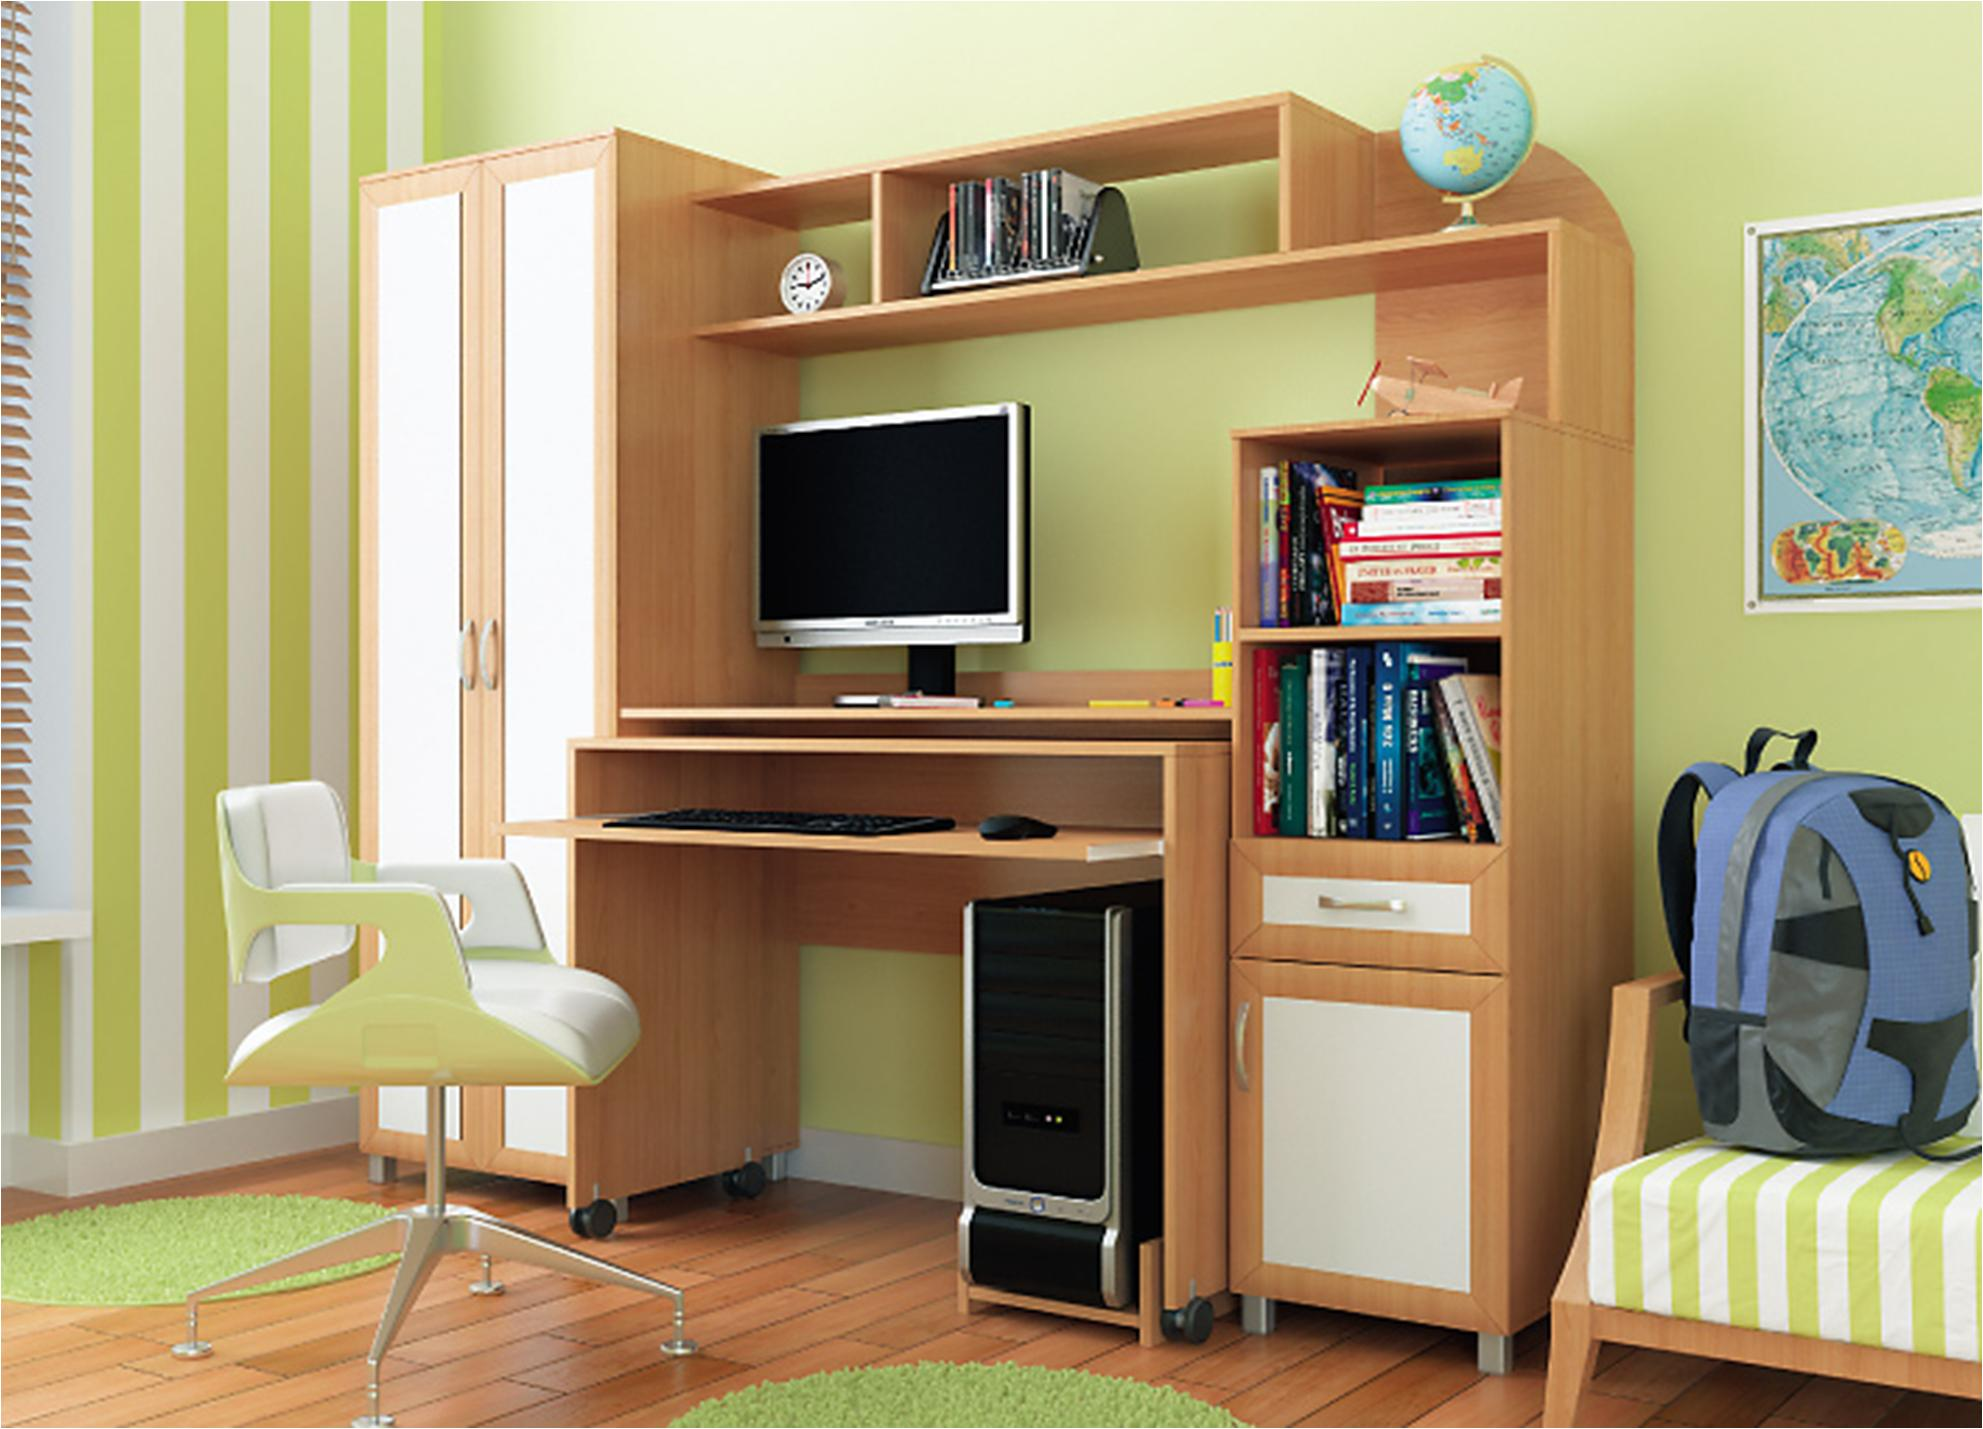 Компьютерный стол пятерочка от мебельтюм, интернет-магазин м.